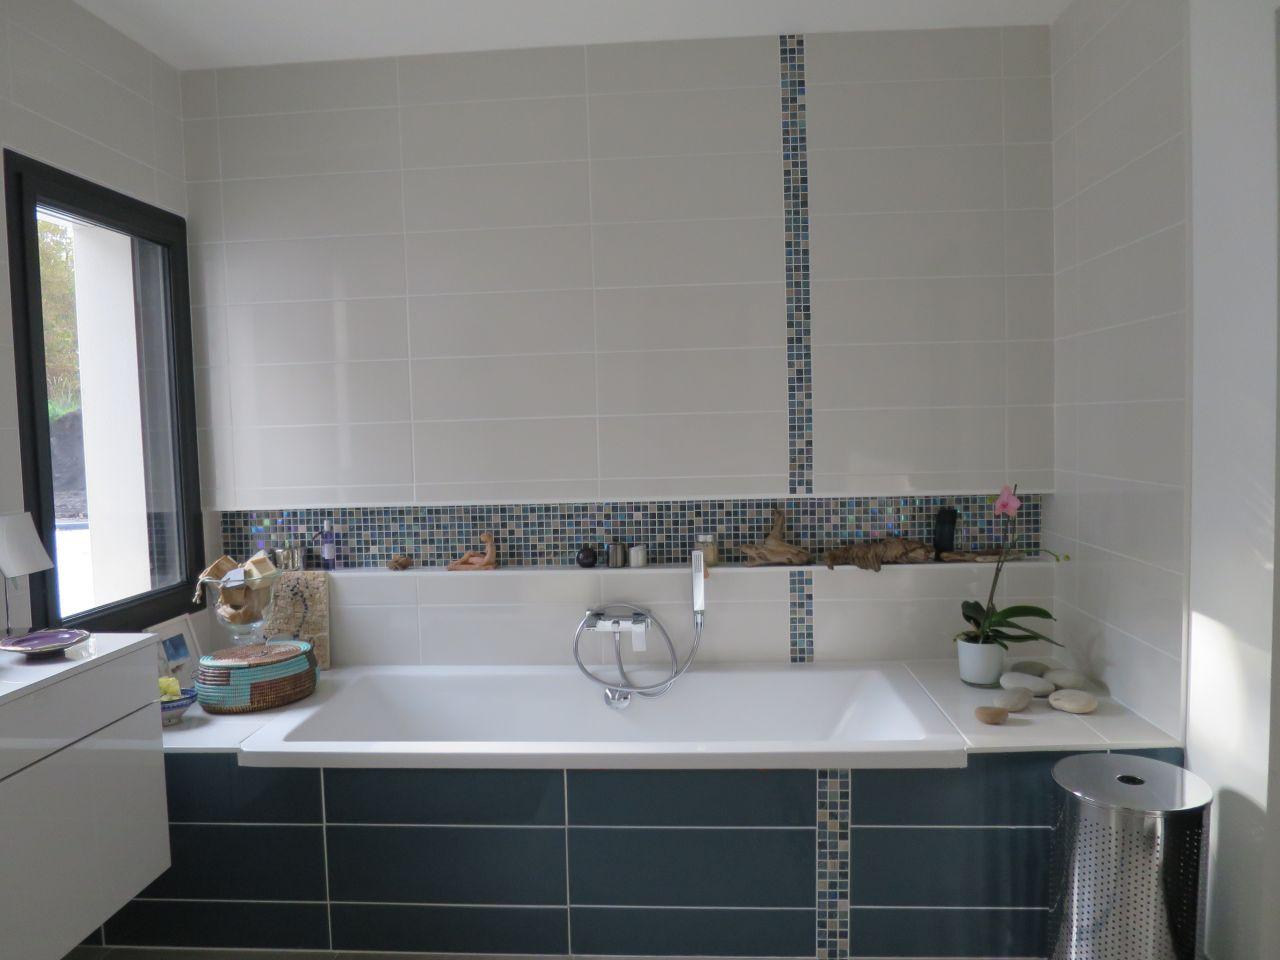 frise au sol et au mur dans l'espace bain